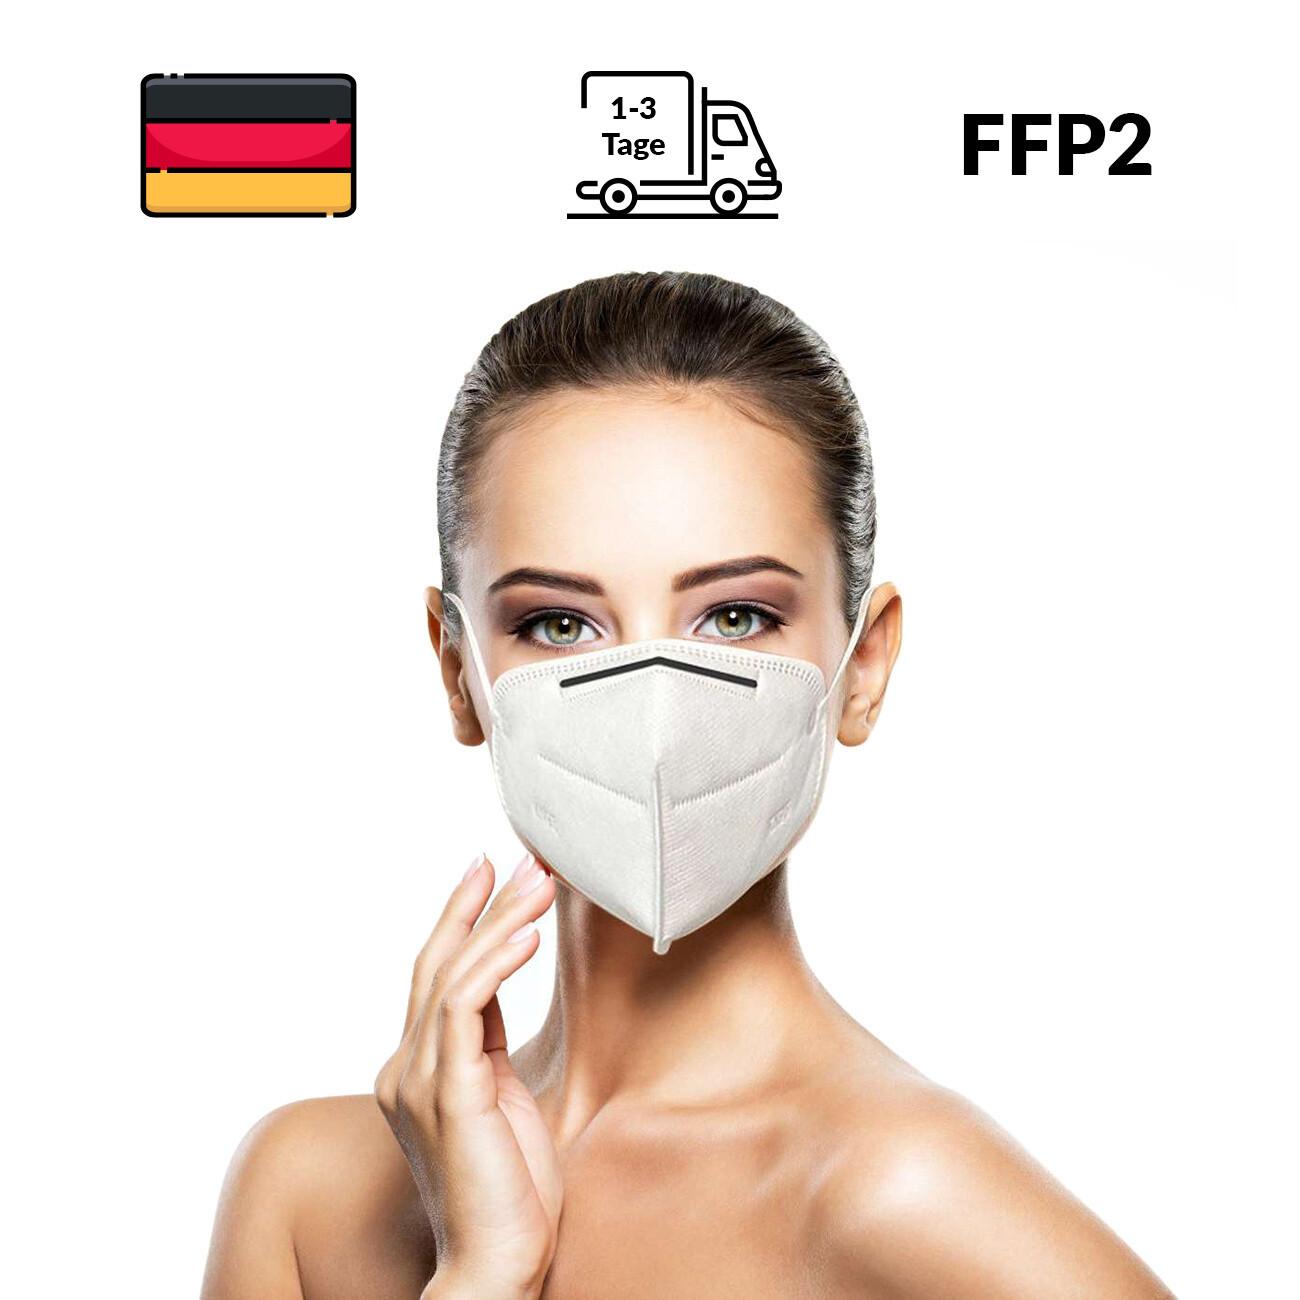 Atemschutz - KN95 Masken / FFP2 Schutzmasken - 2 Stück